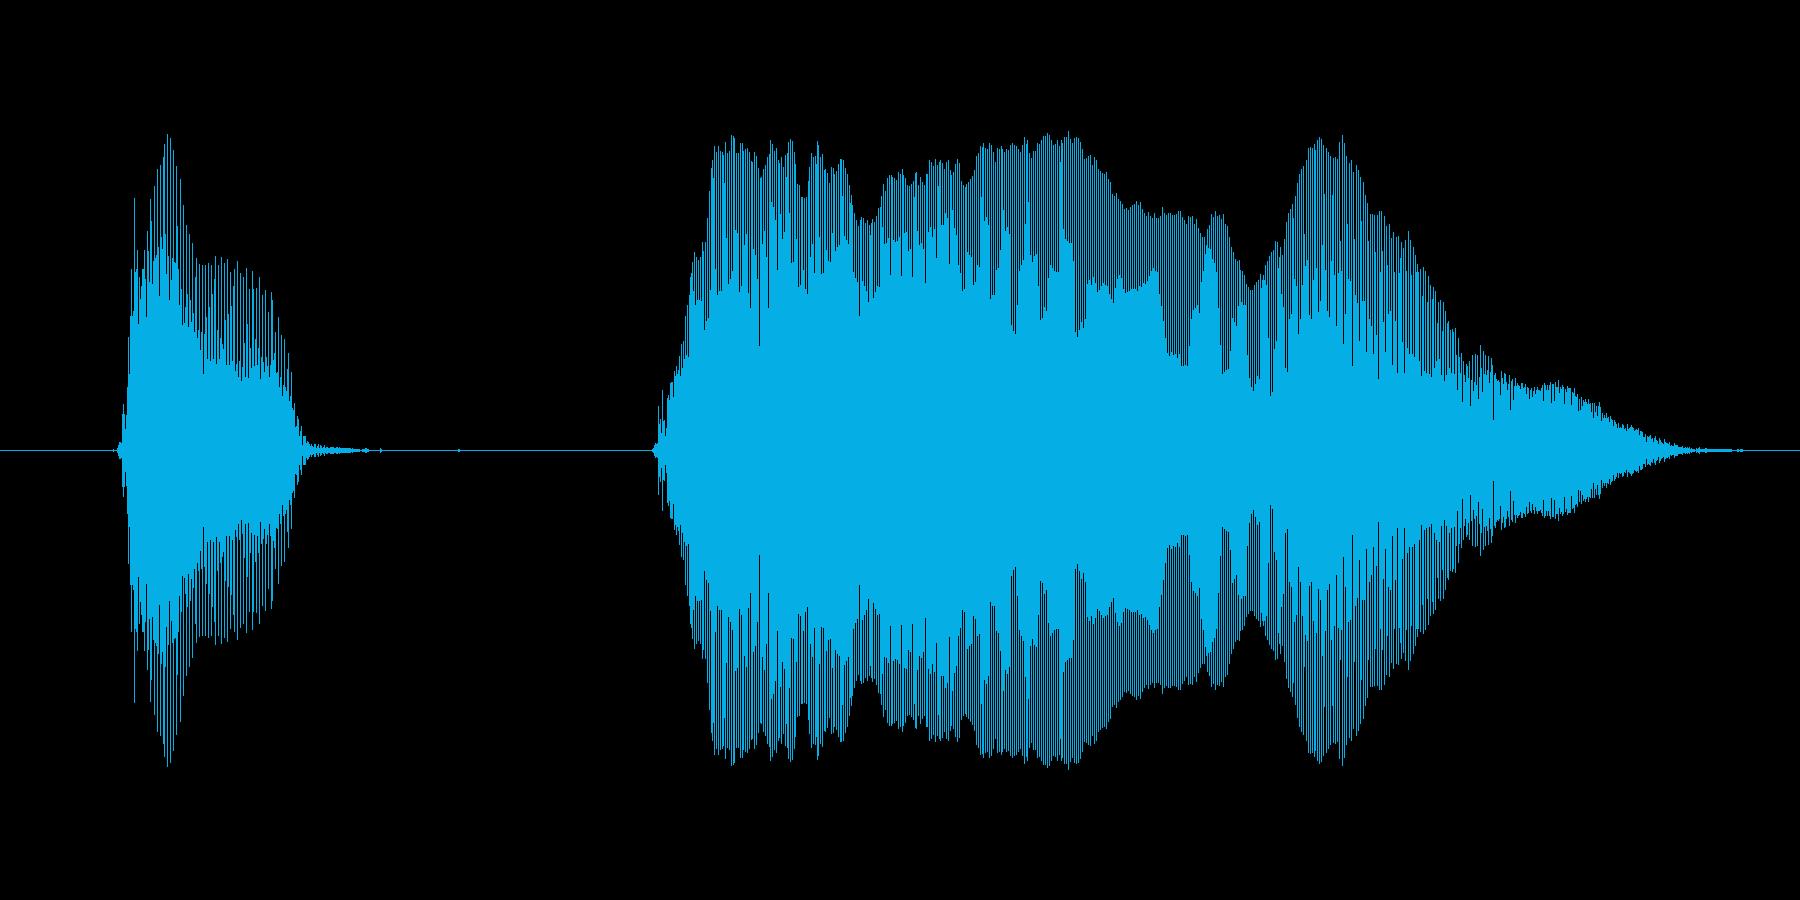 【ボイスSE】ドッカーン!の再生済みの波形